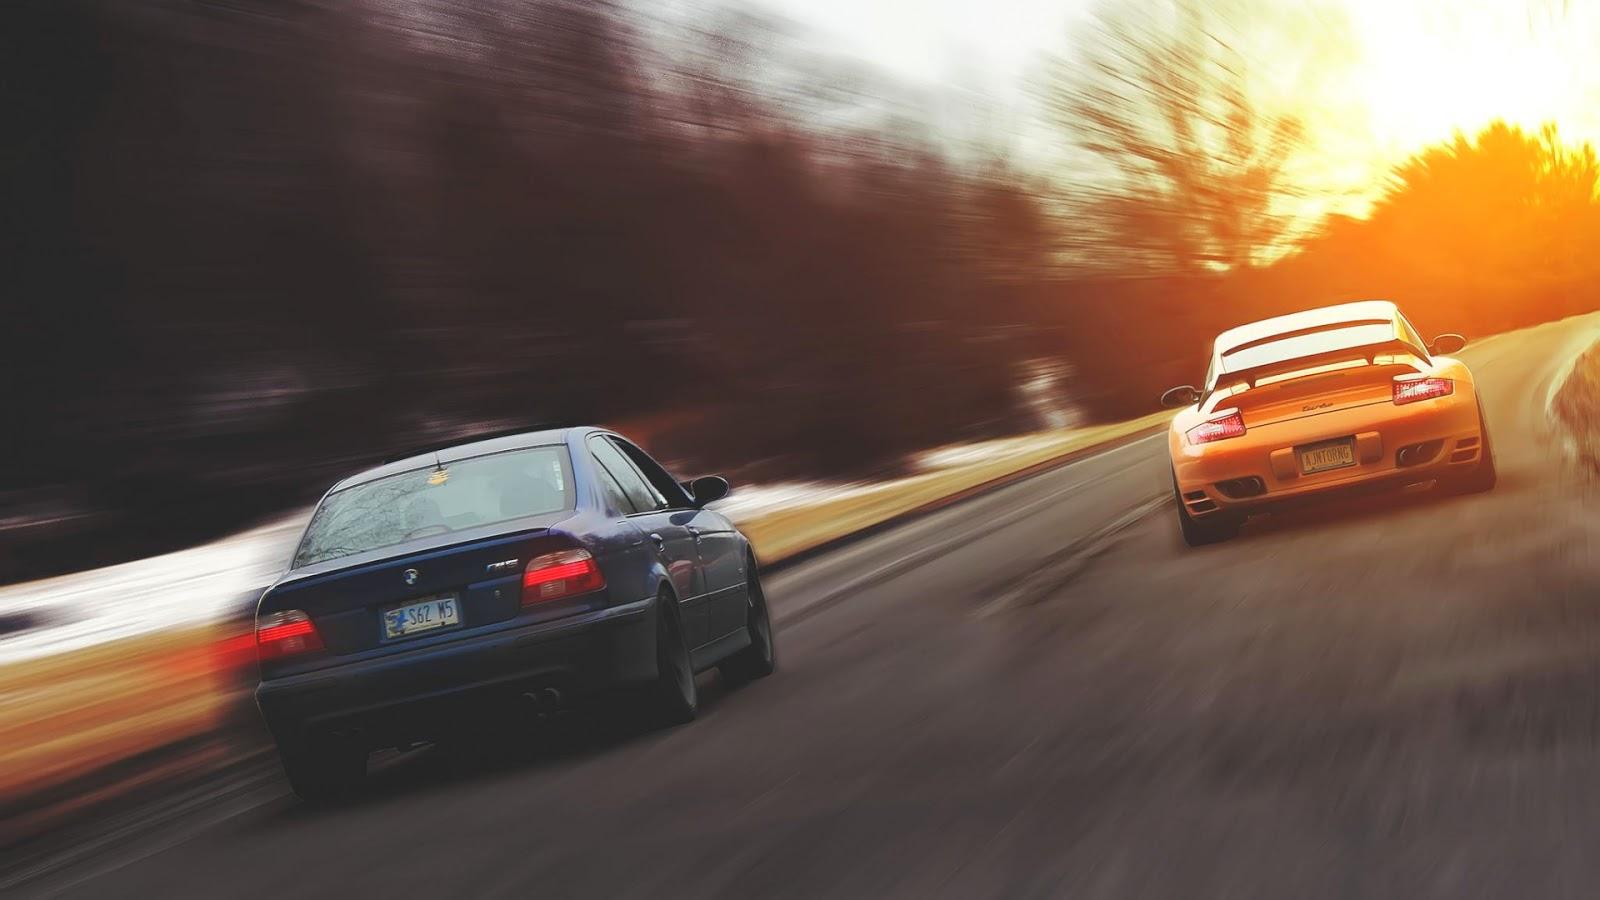 Imagenes de autos modificados wallpaper hd de carros deportivos